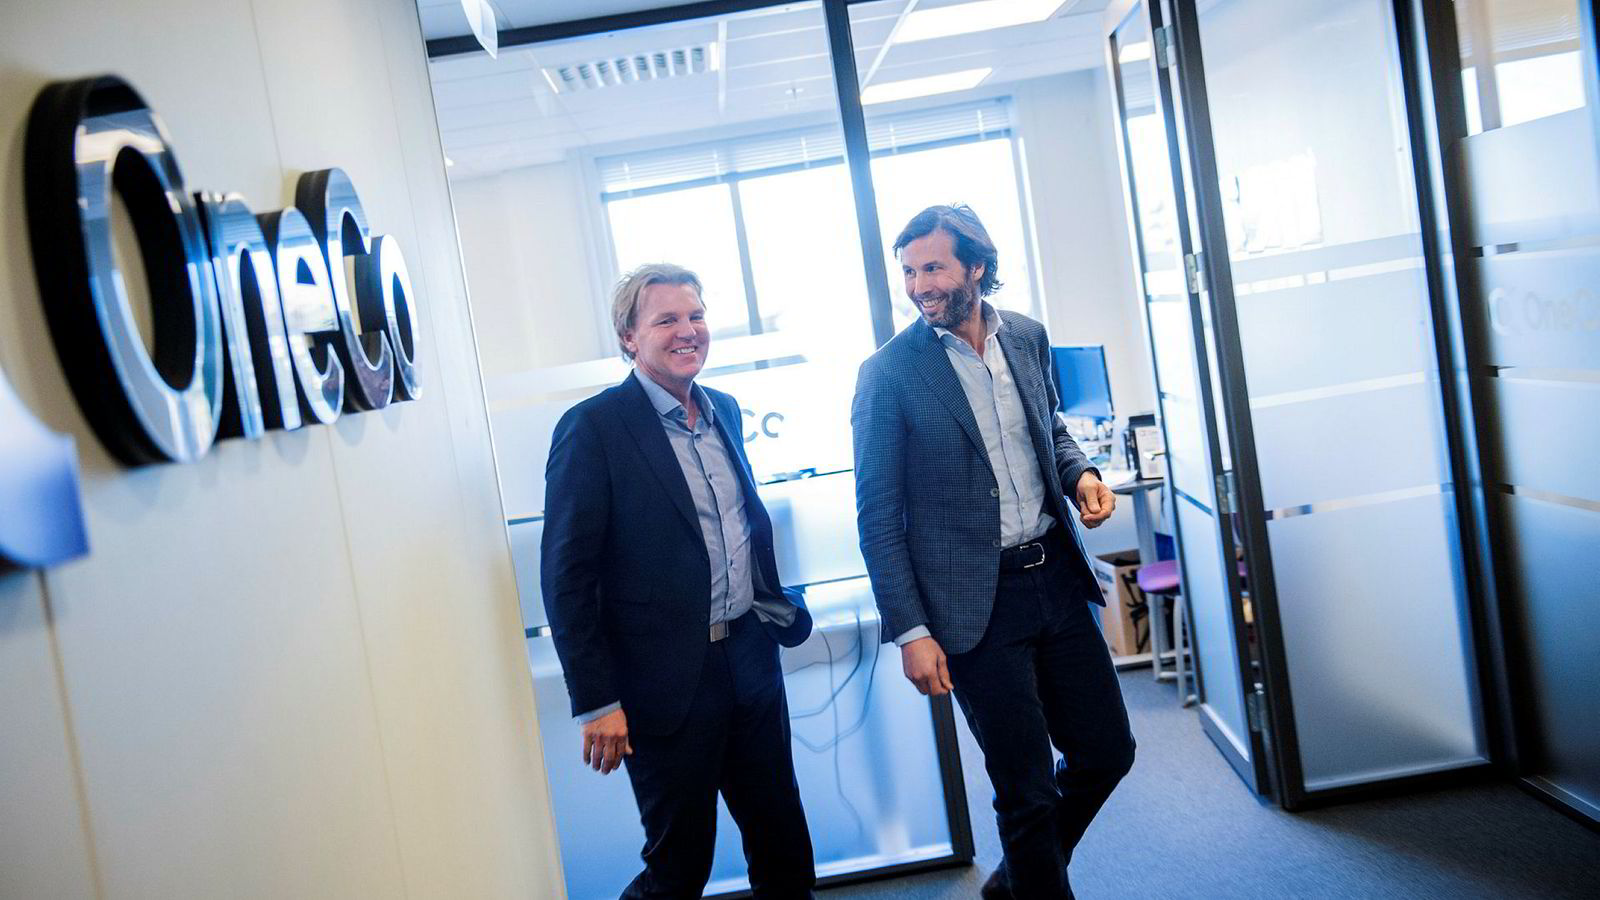 Møller-familiens investeringsselskap Katalysator blir majoritetseier i milliardkonsernet OneCo. Her er konsernsjef i OneCo, Marvin Jensen (til venstre) sammen med styreleder i Aars as, Øivind Schage Førde.